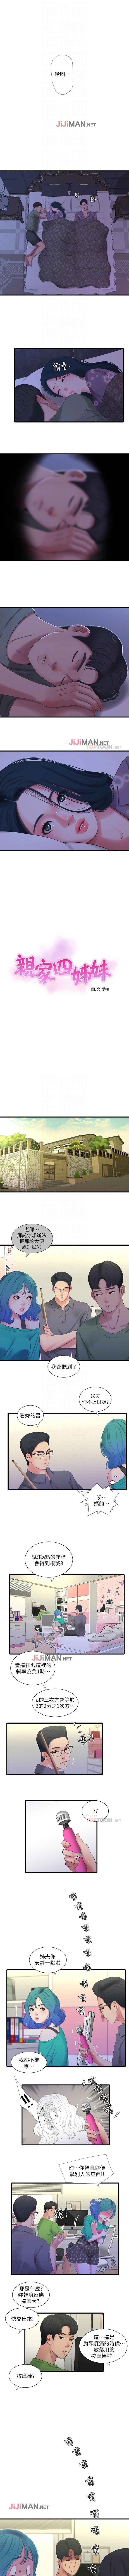 【周四连载】亲家四姐妹(作者:愛摸) 第1~31话 153